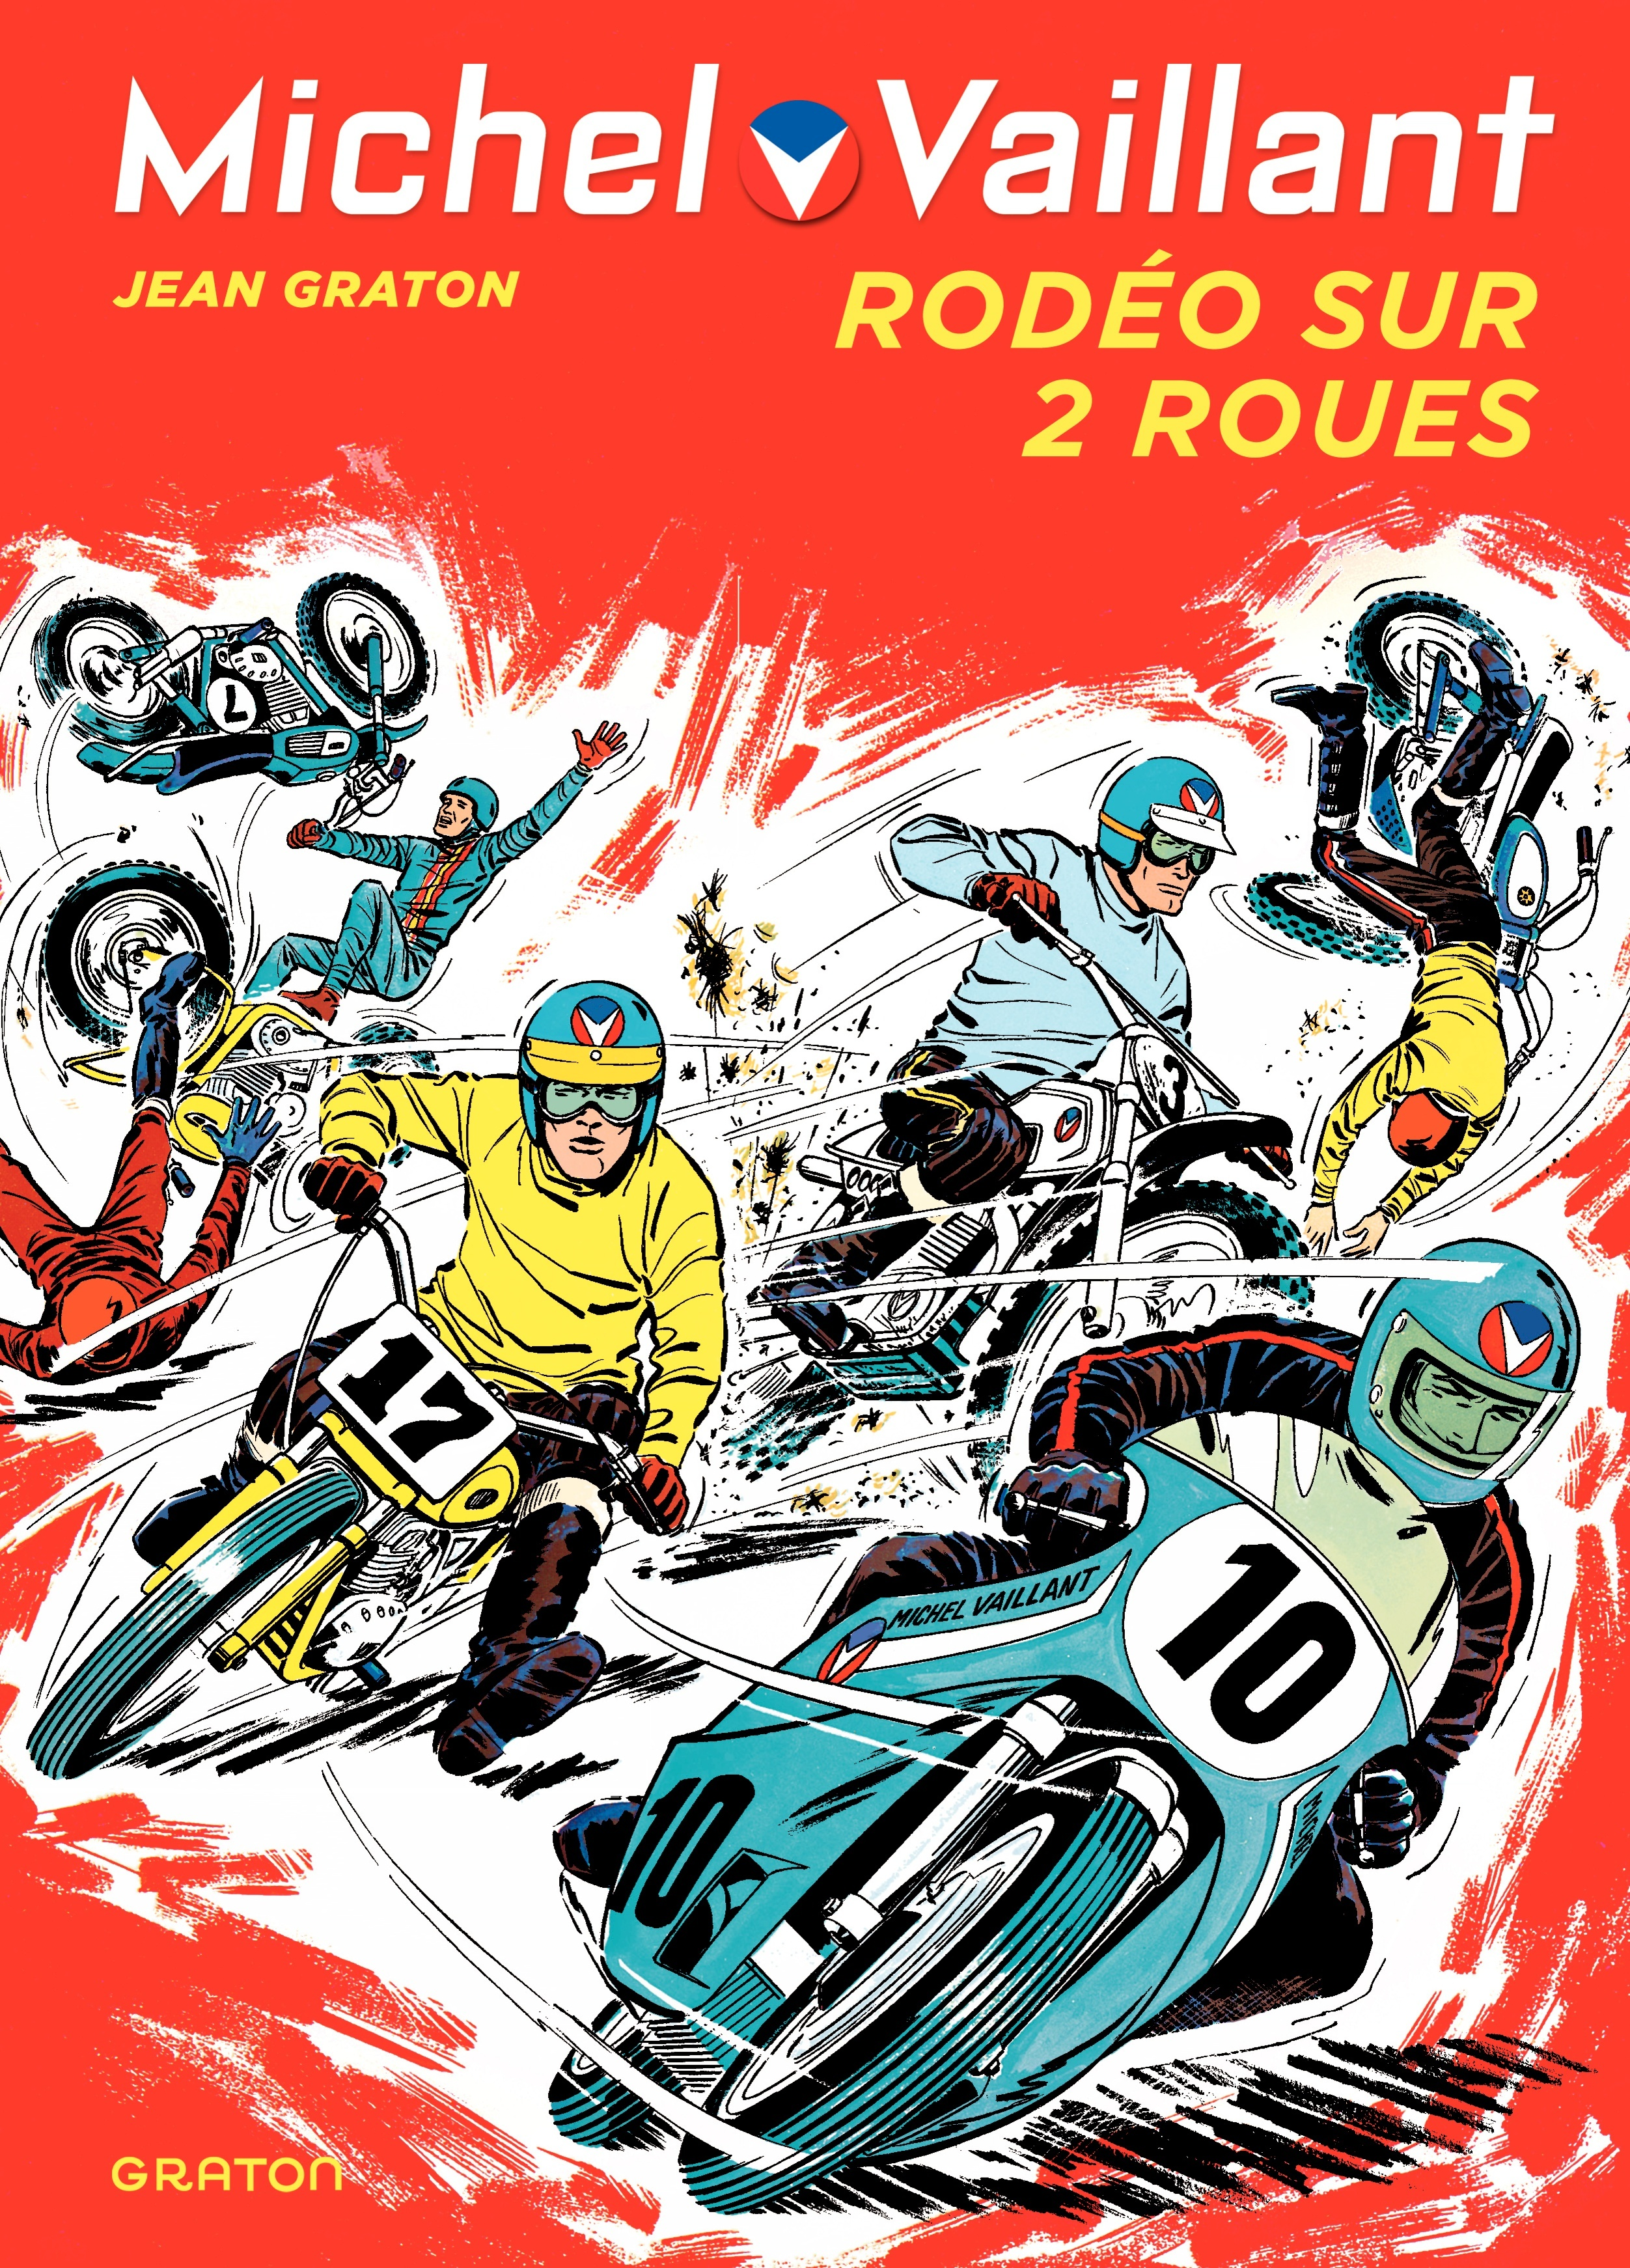 MICHEL VAILLANT T20 - RODEO SUR DEUX ROUES - MICHEL VAILLANT NOUV SAISON